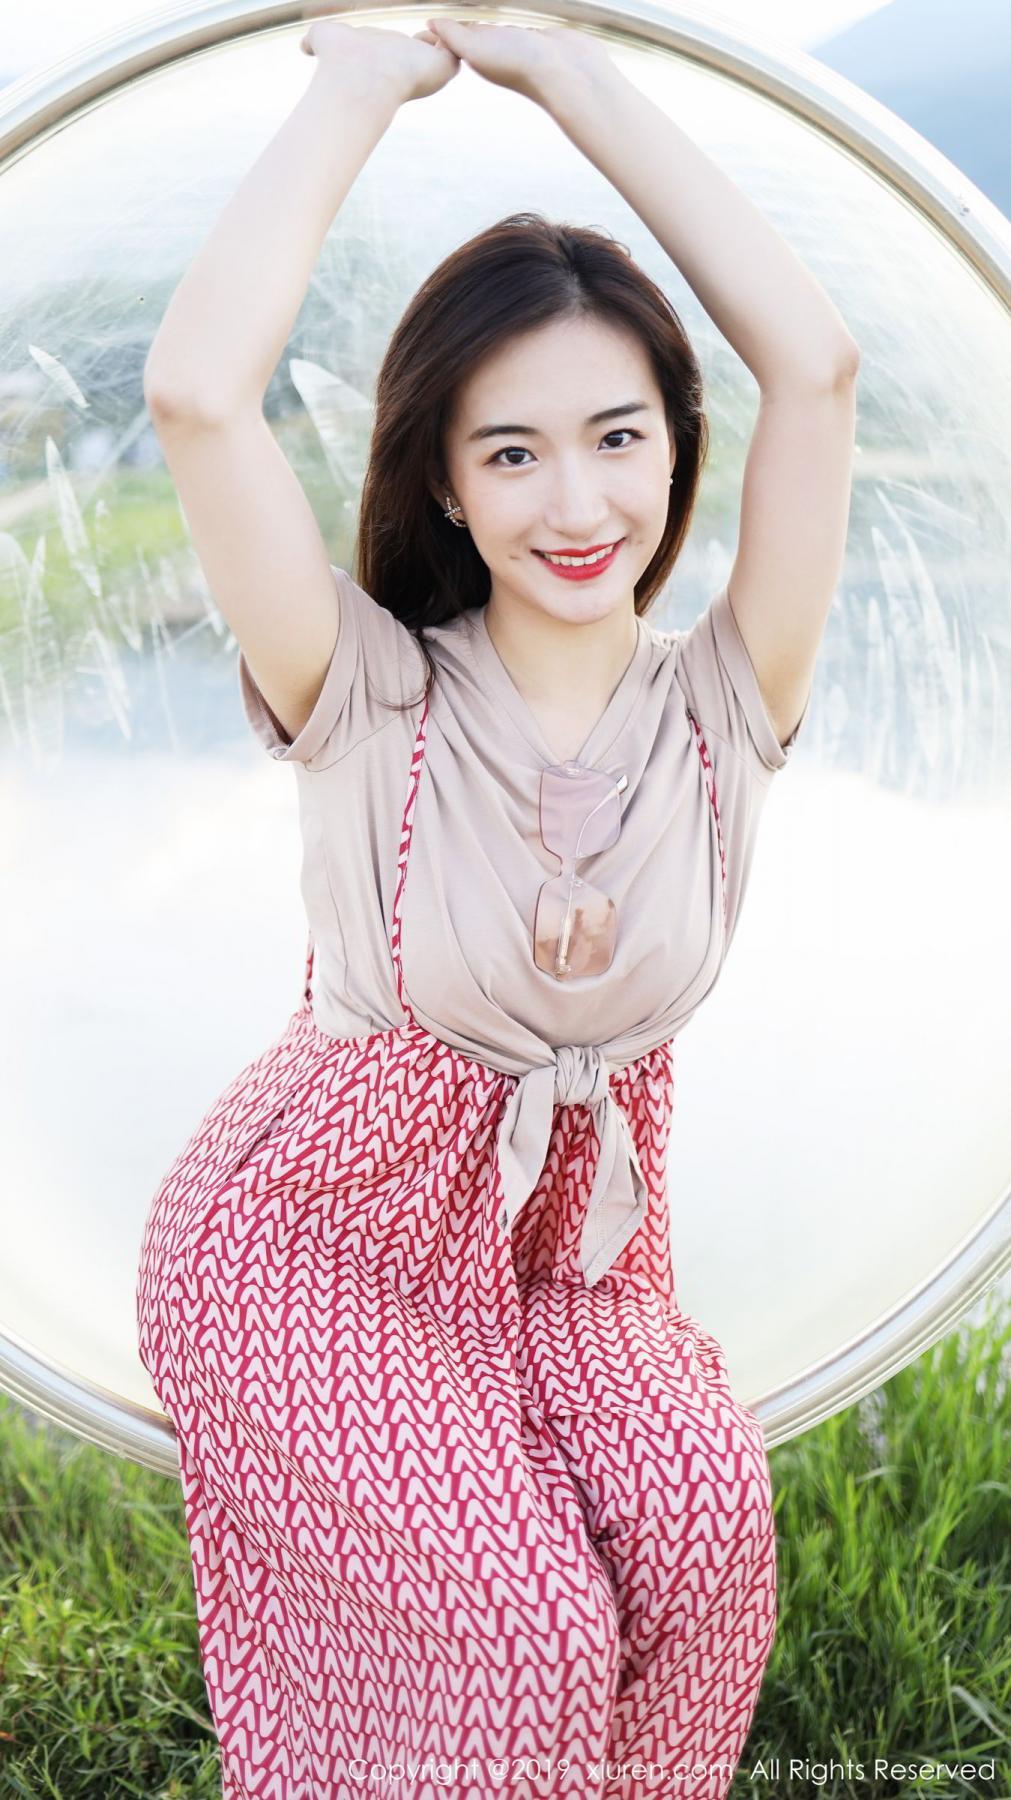 [XiuRen] Vol.1718 Gong Tian Yi 59P, Gong Tian Yi, Outdoor, Temperament, Xiuren